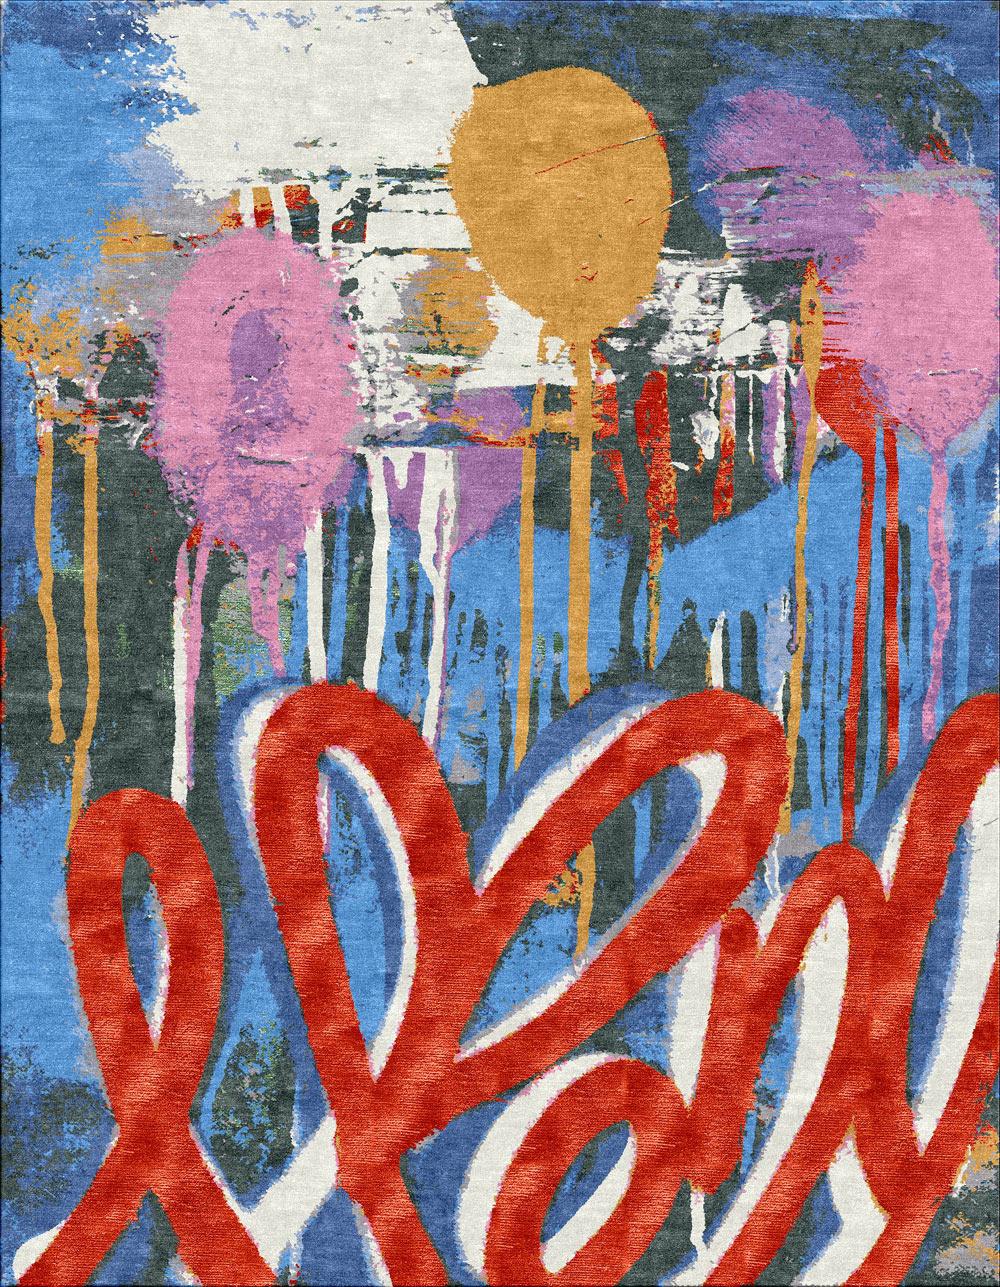 Rodrigo Valles - Graffiti Love